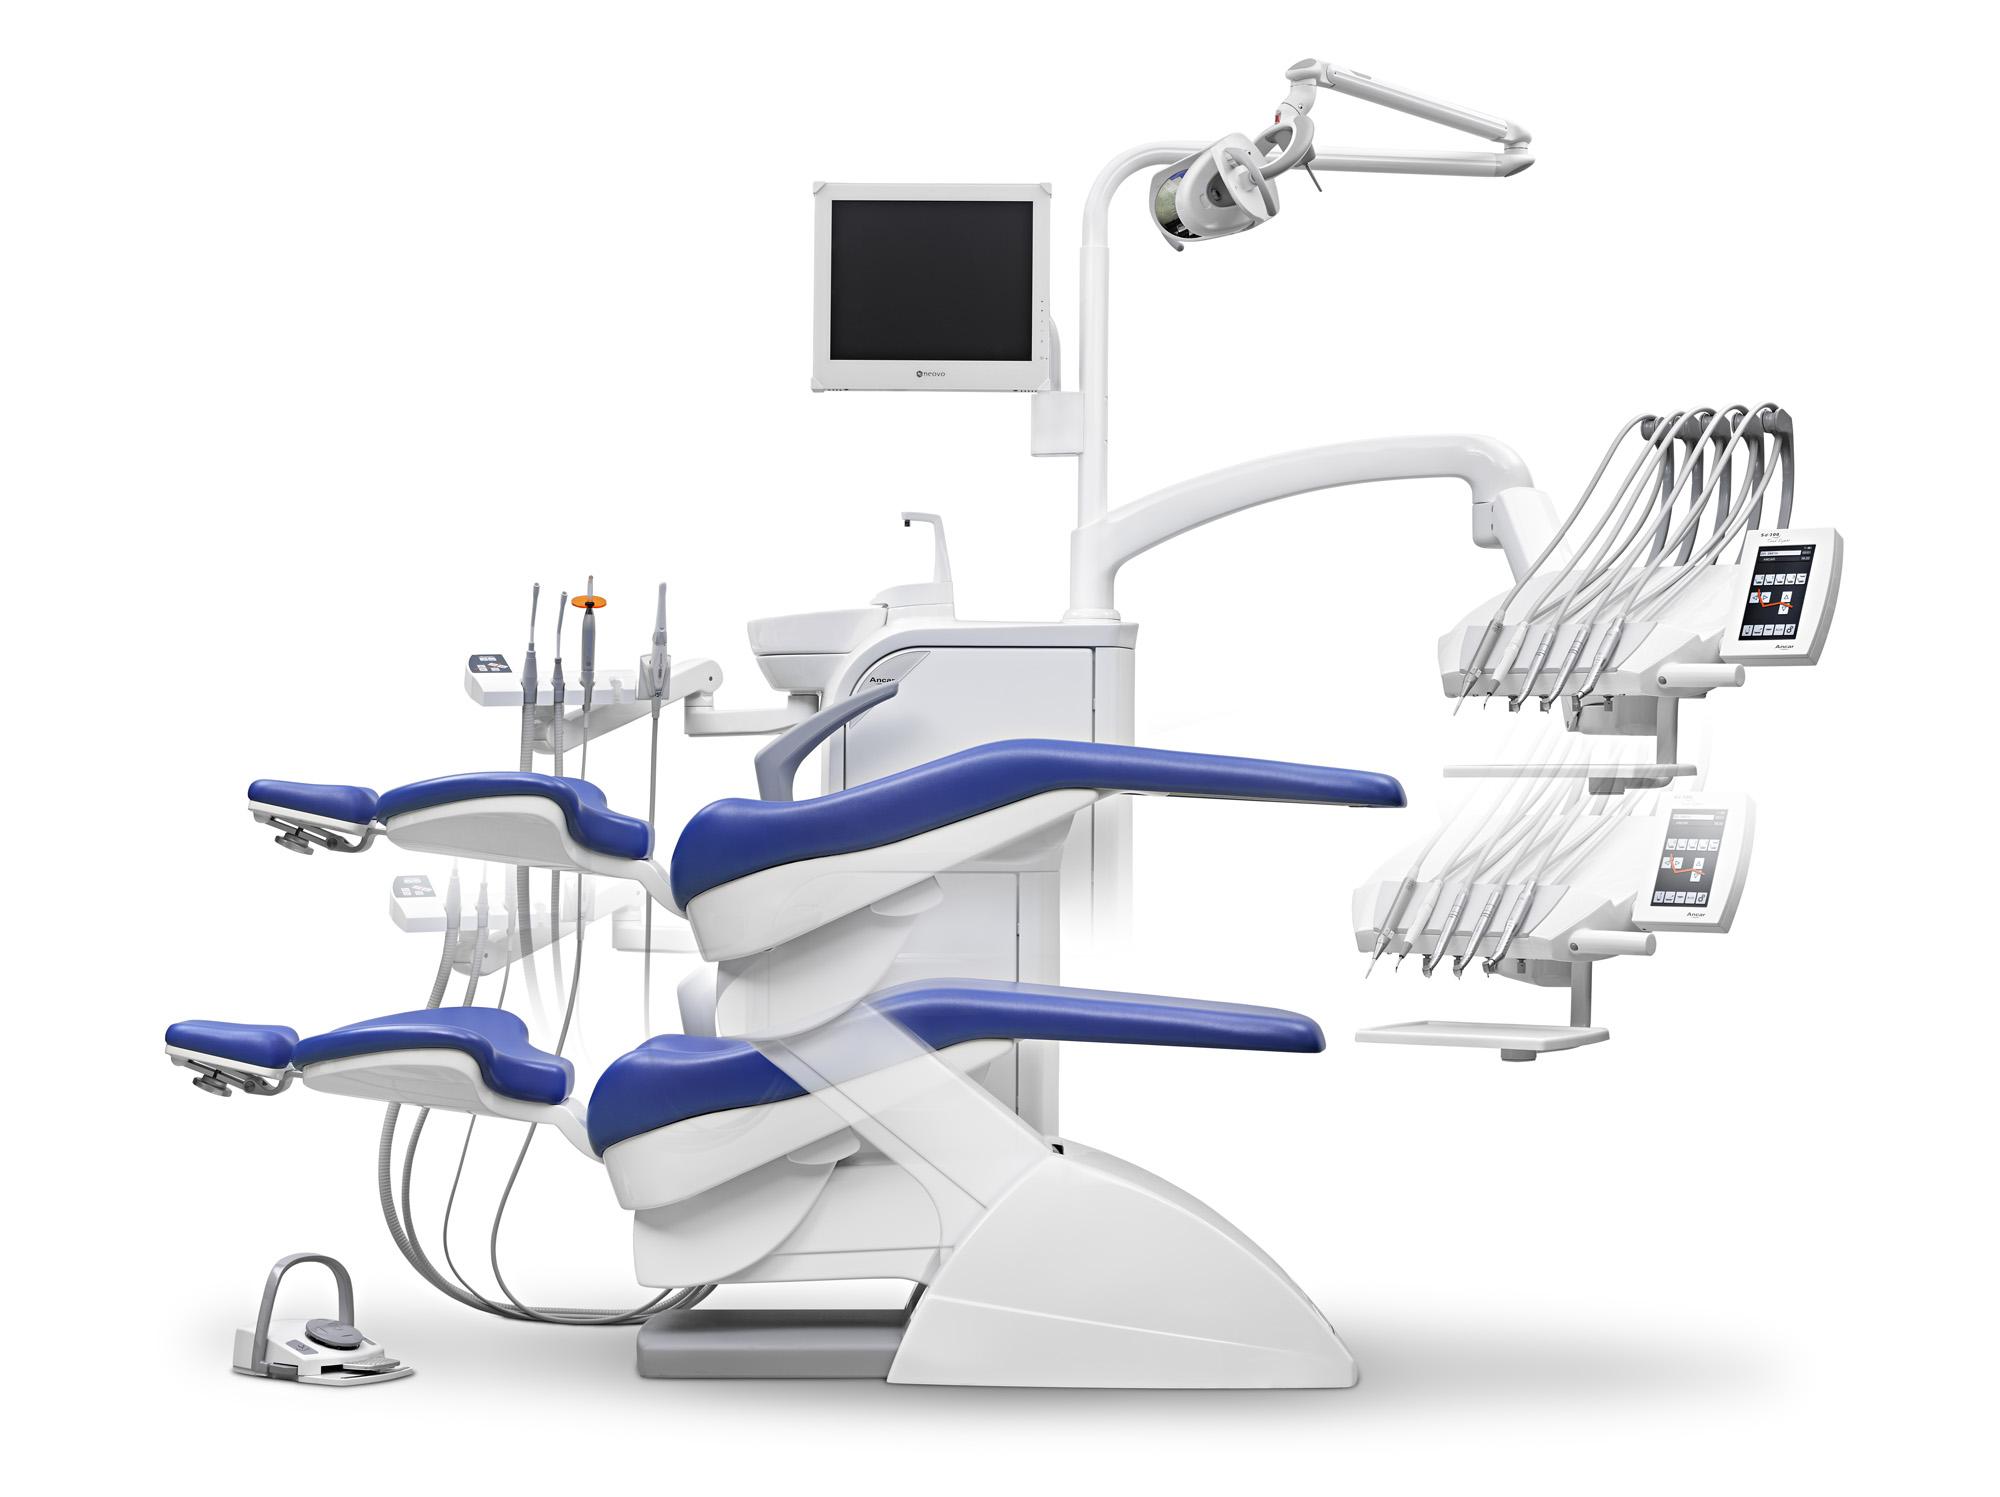 SD-300 Touch-Expert (Mikroprozessorgesteuerte Behandlungseinheit mit Schwingbügeln)